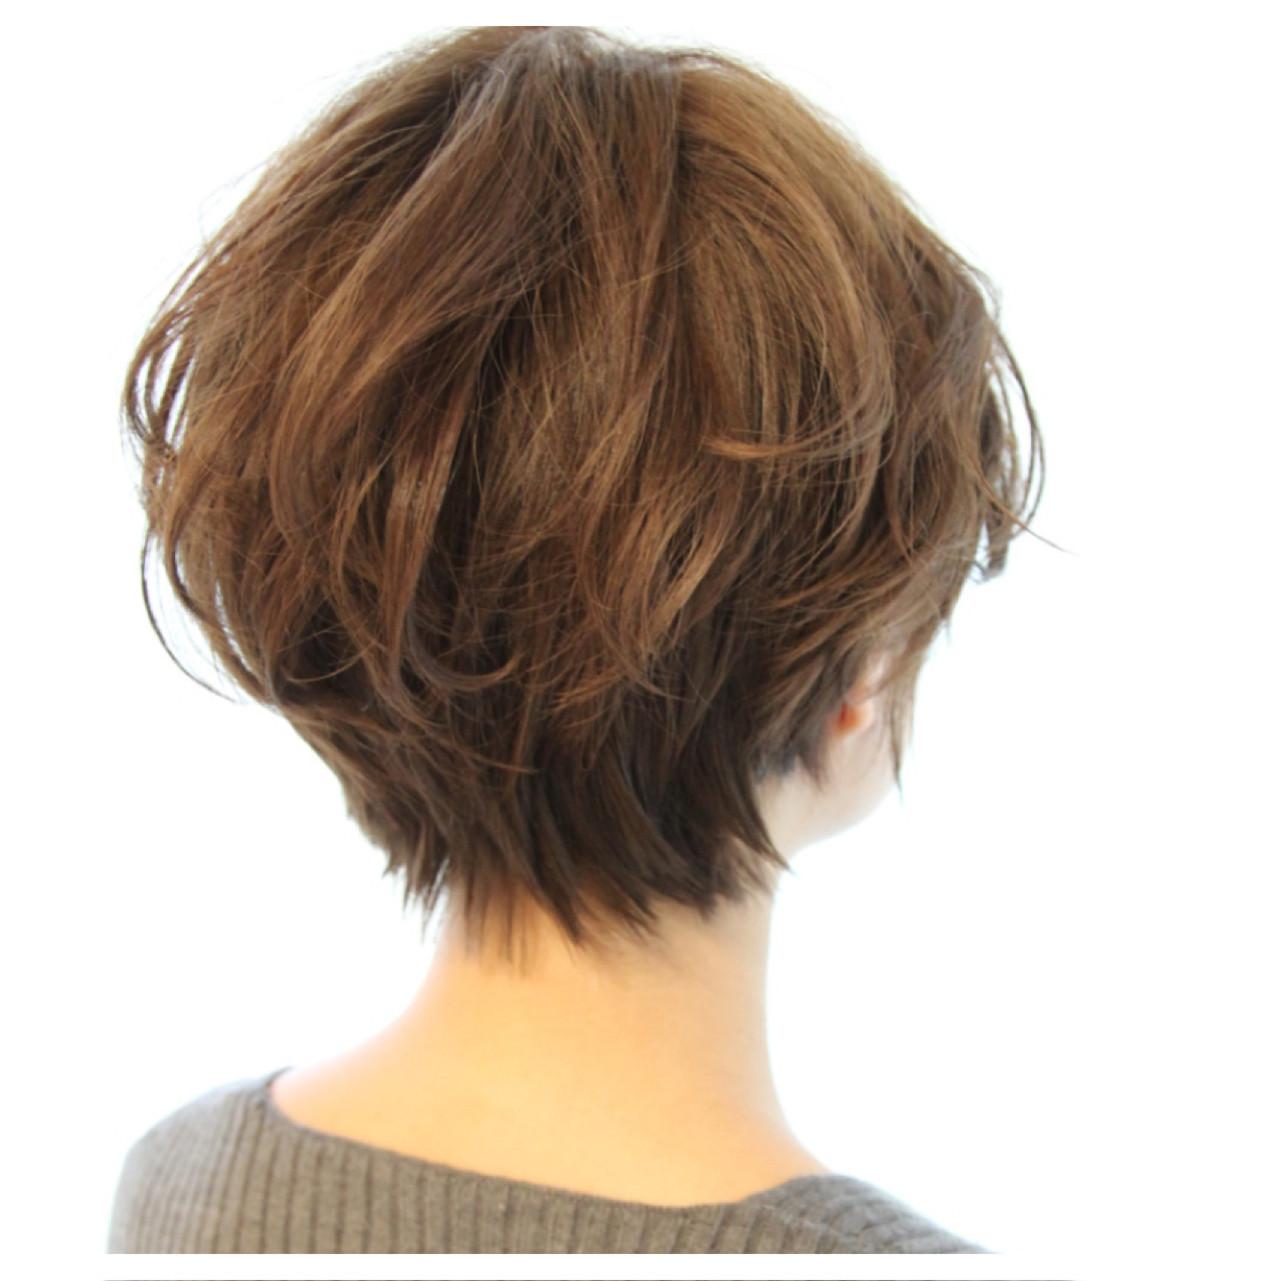 ナチュラル 大人女子 こなれ感 黒髪 ヘアスタイルや髪型の写真・画像 | Masanori Yamasaki / Reuna(レウナ)